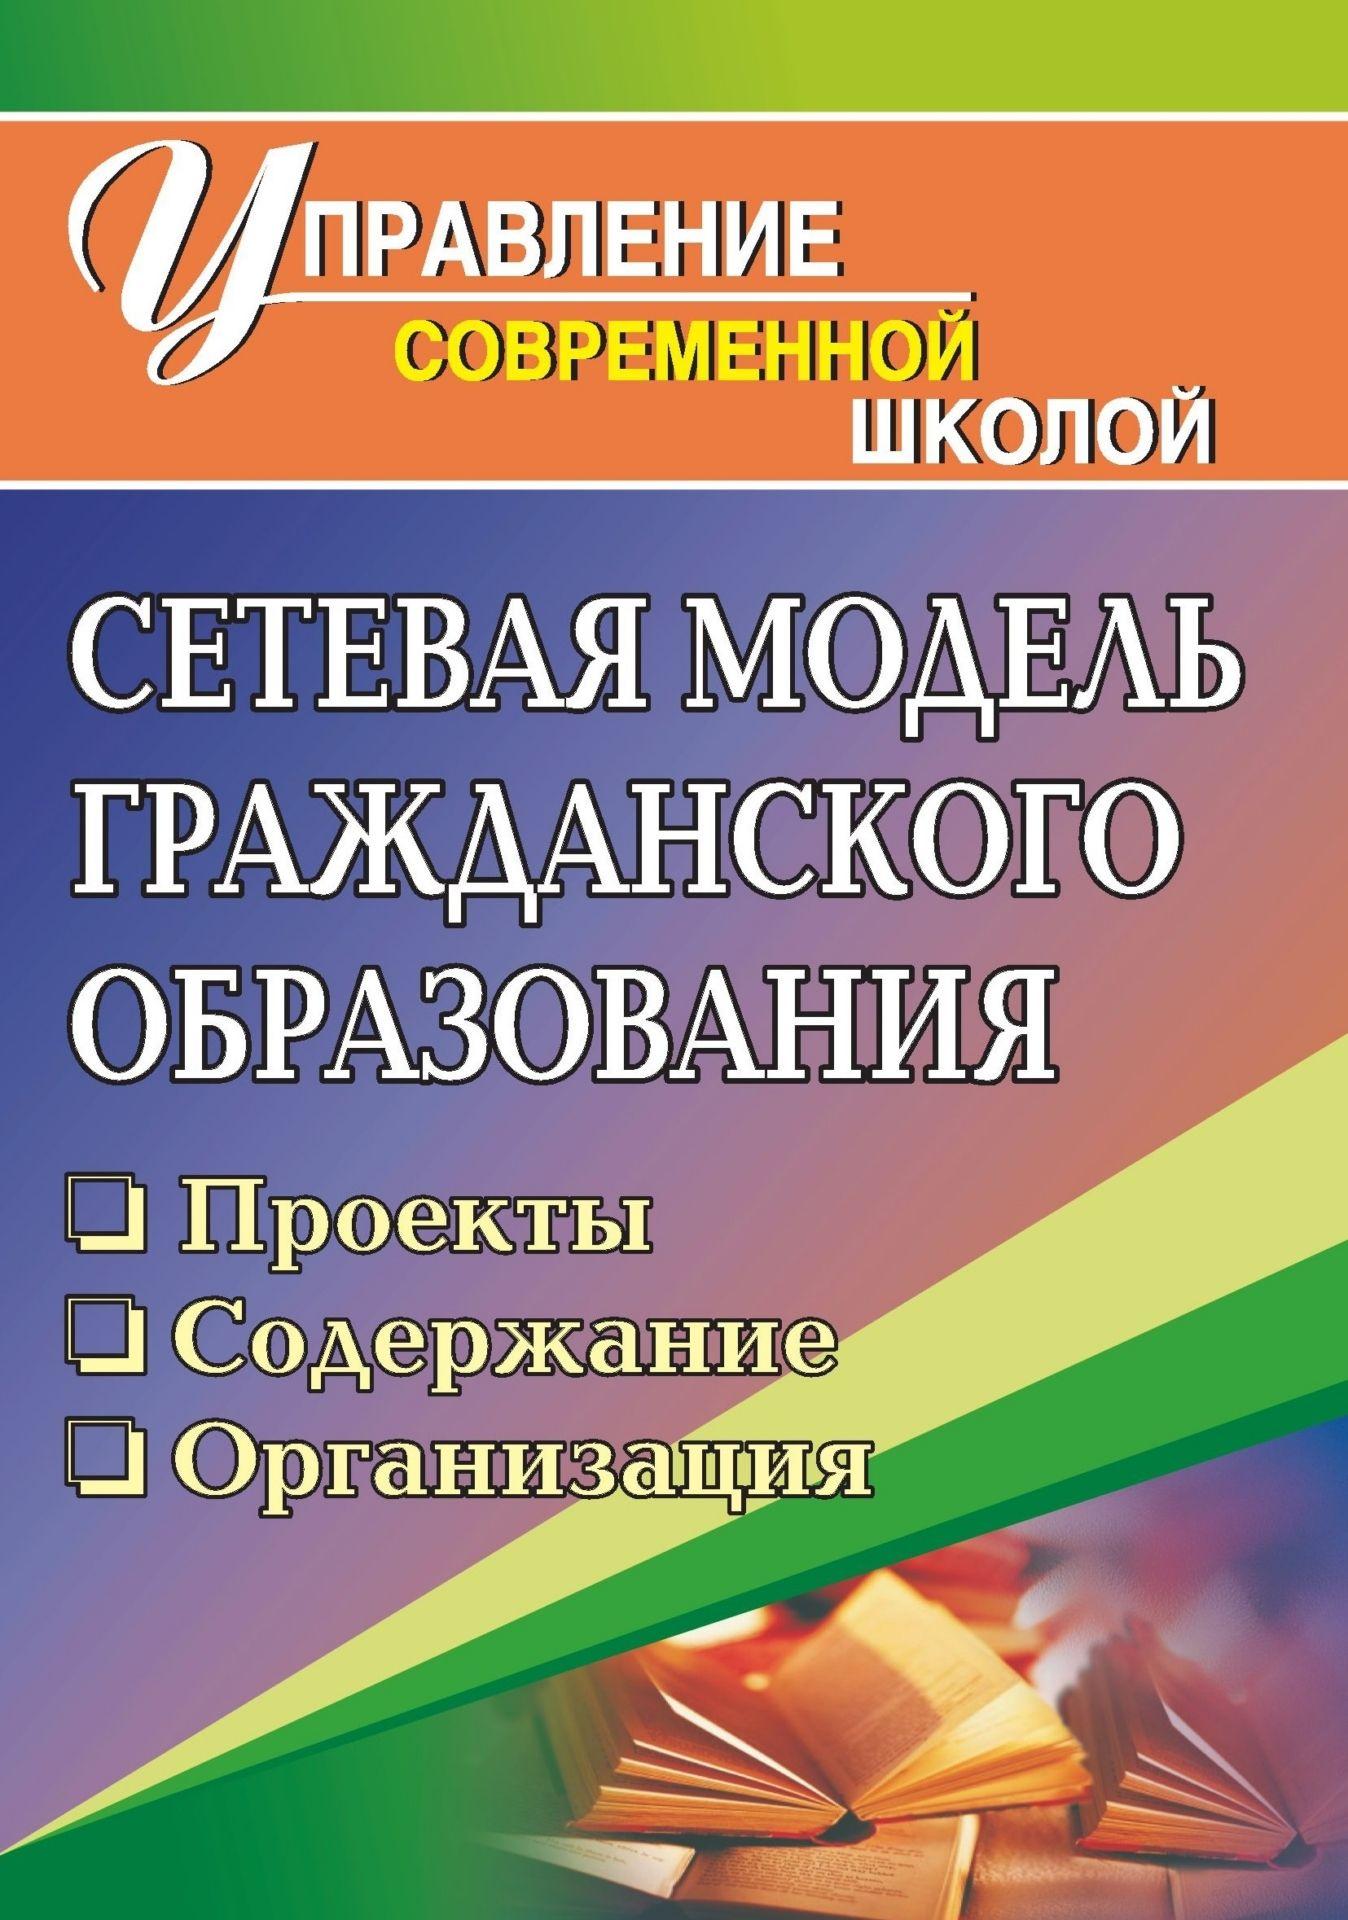 М. В. Тюмина Сетевая модель гражданского образования: проекты, содержание, организация